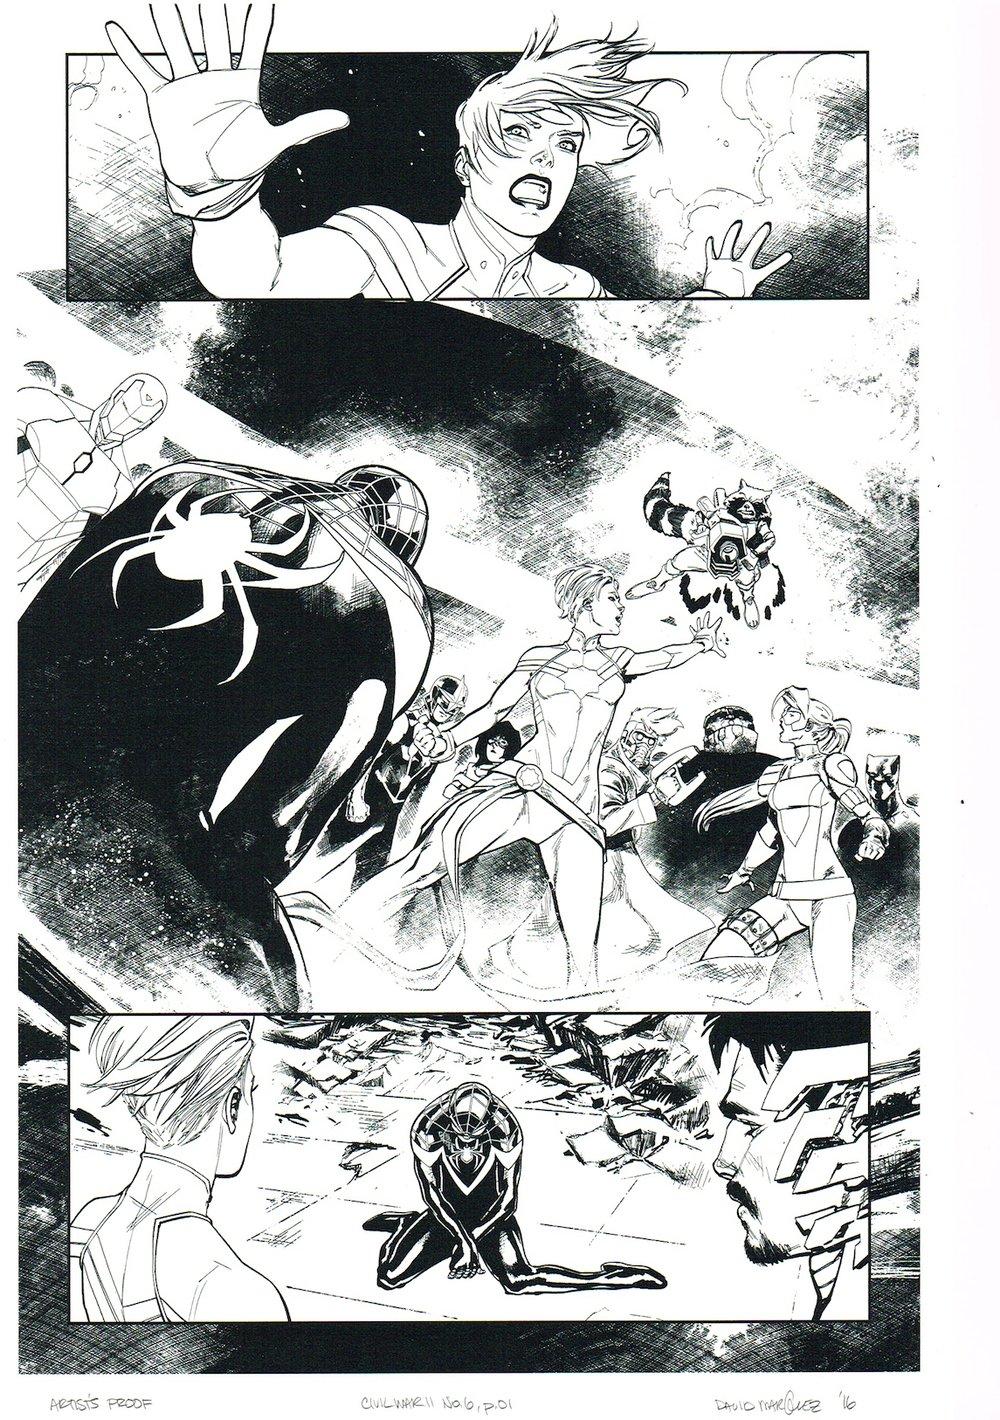 Image of CIVIL WAR II #6, p.01 ARTIST'S PROOF